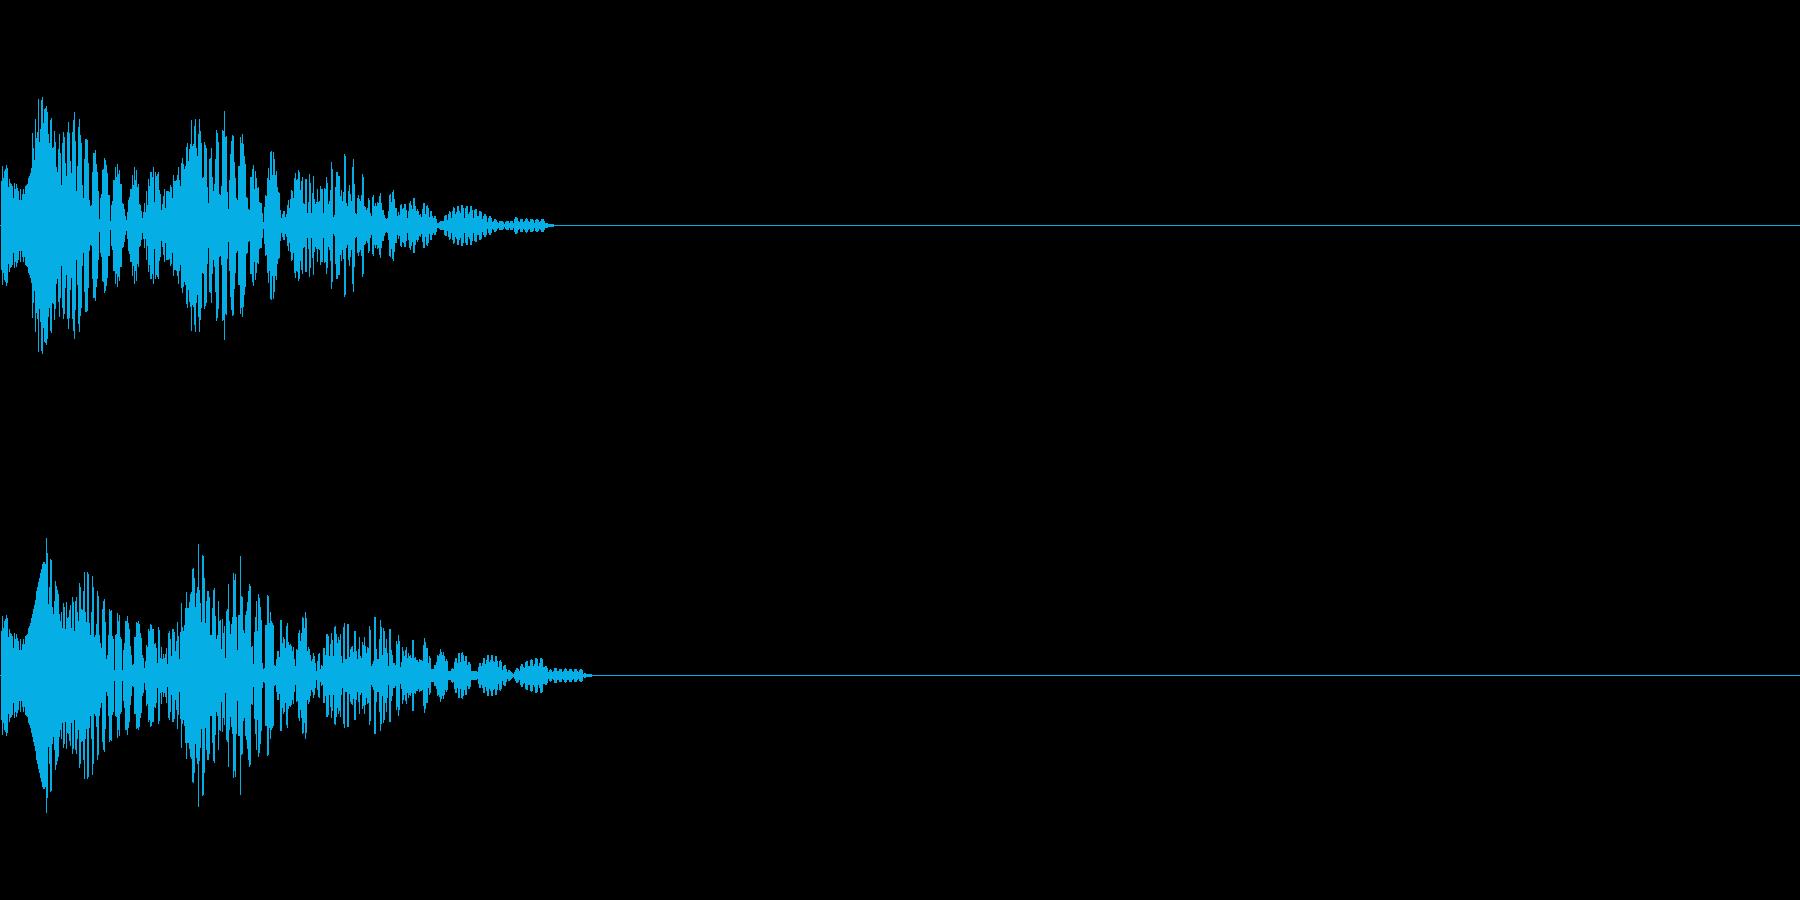 【ピロン】選択音 クリック タッチ 操作の再生済みの波形